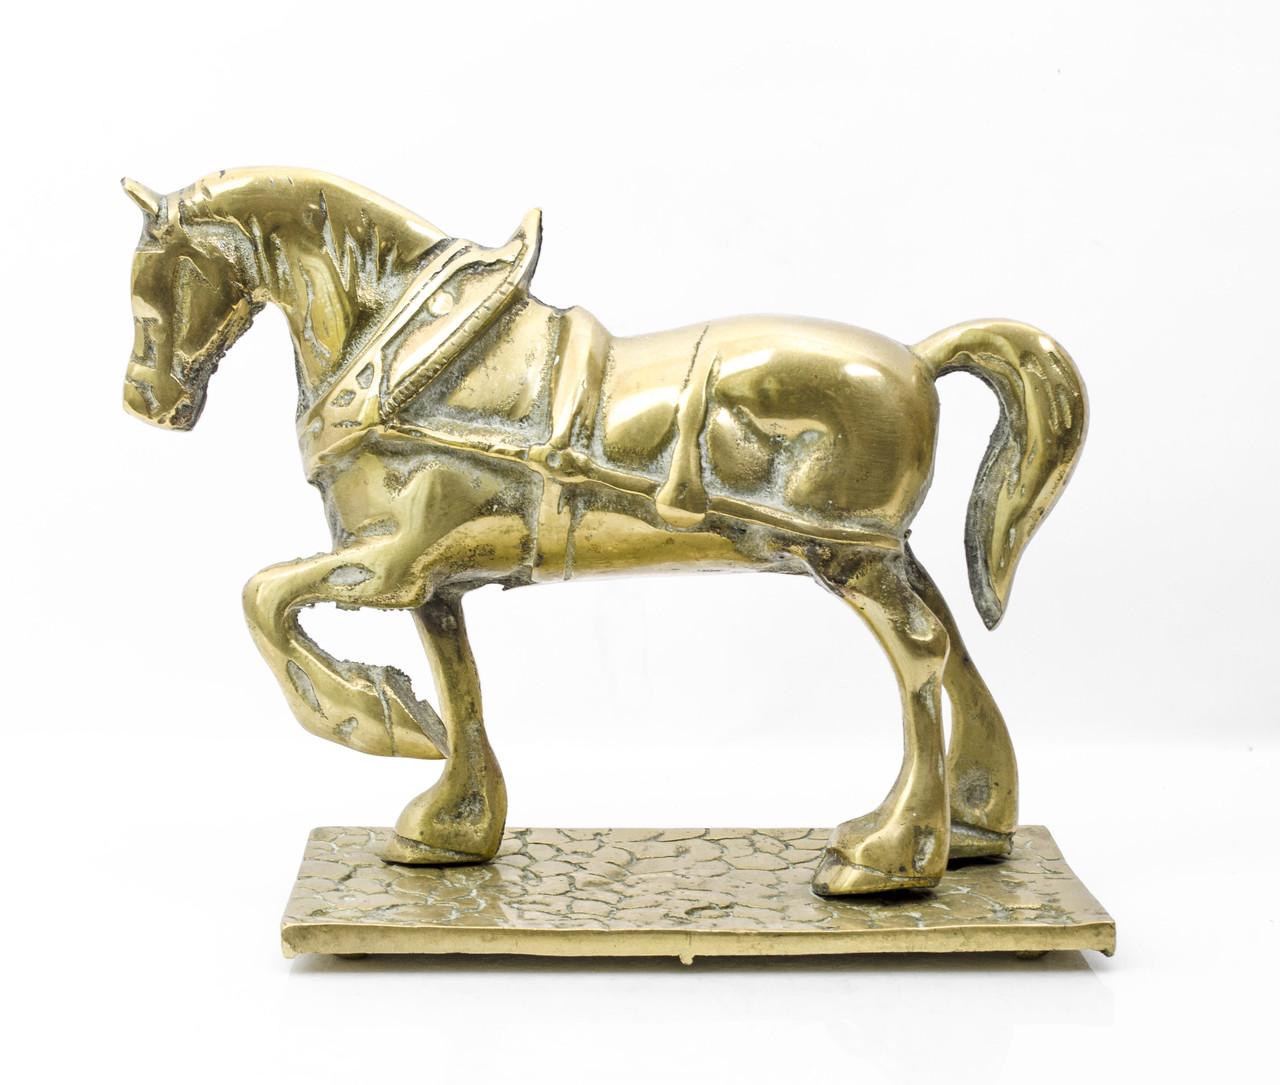 Стара скульптура, кінь, кінь, латунь, Англія